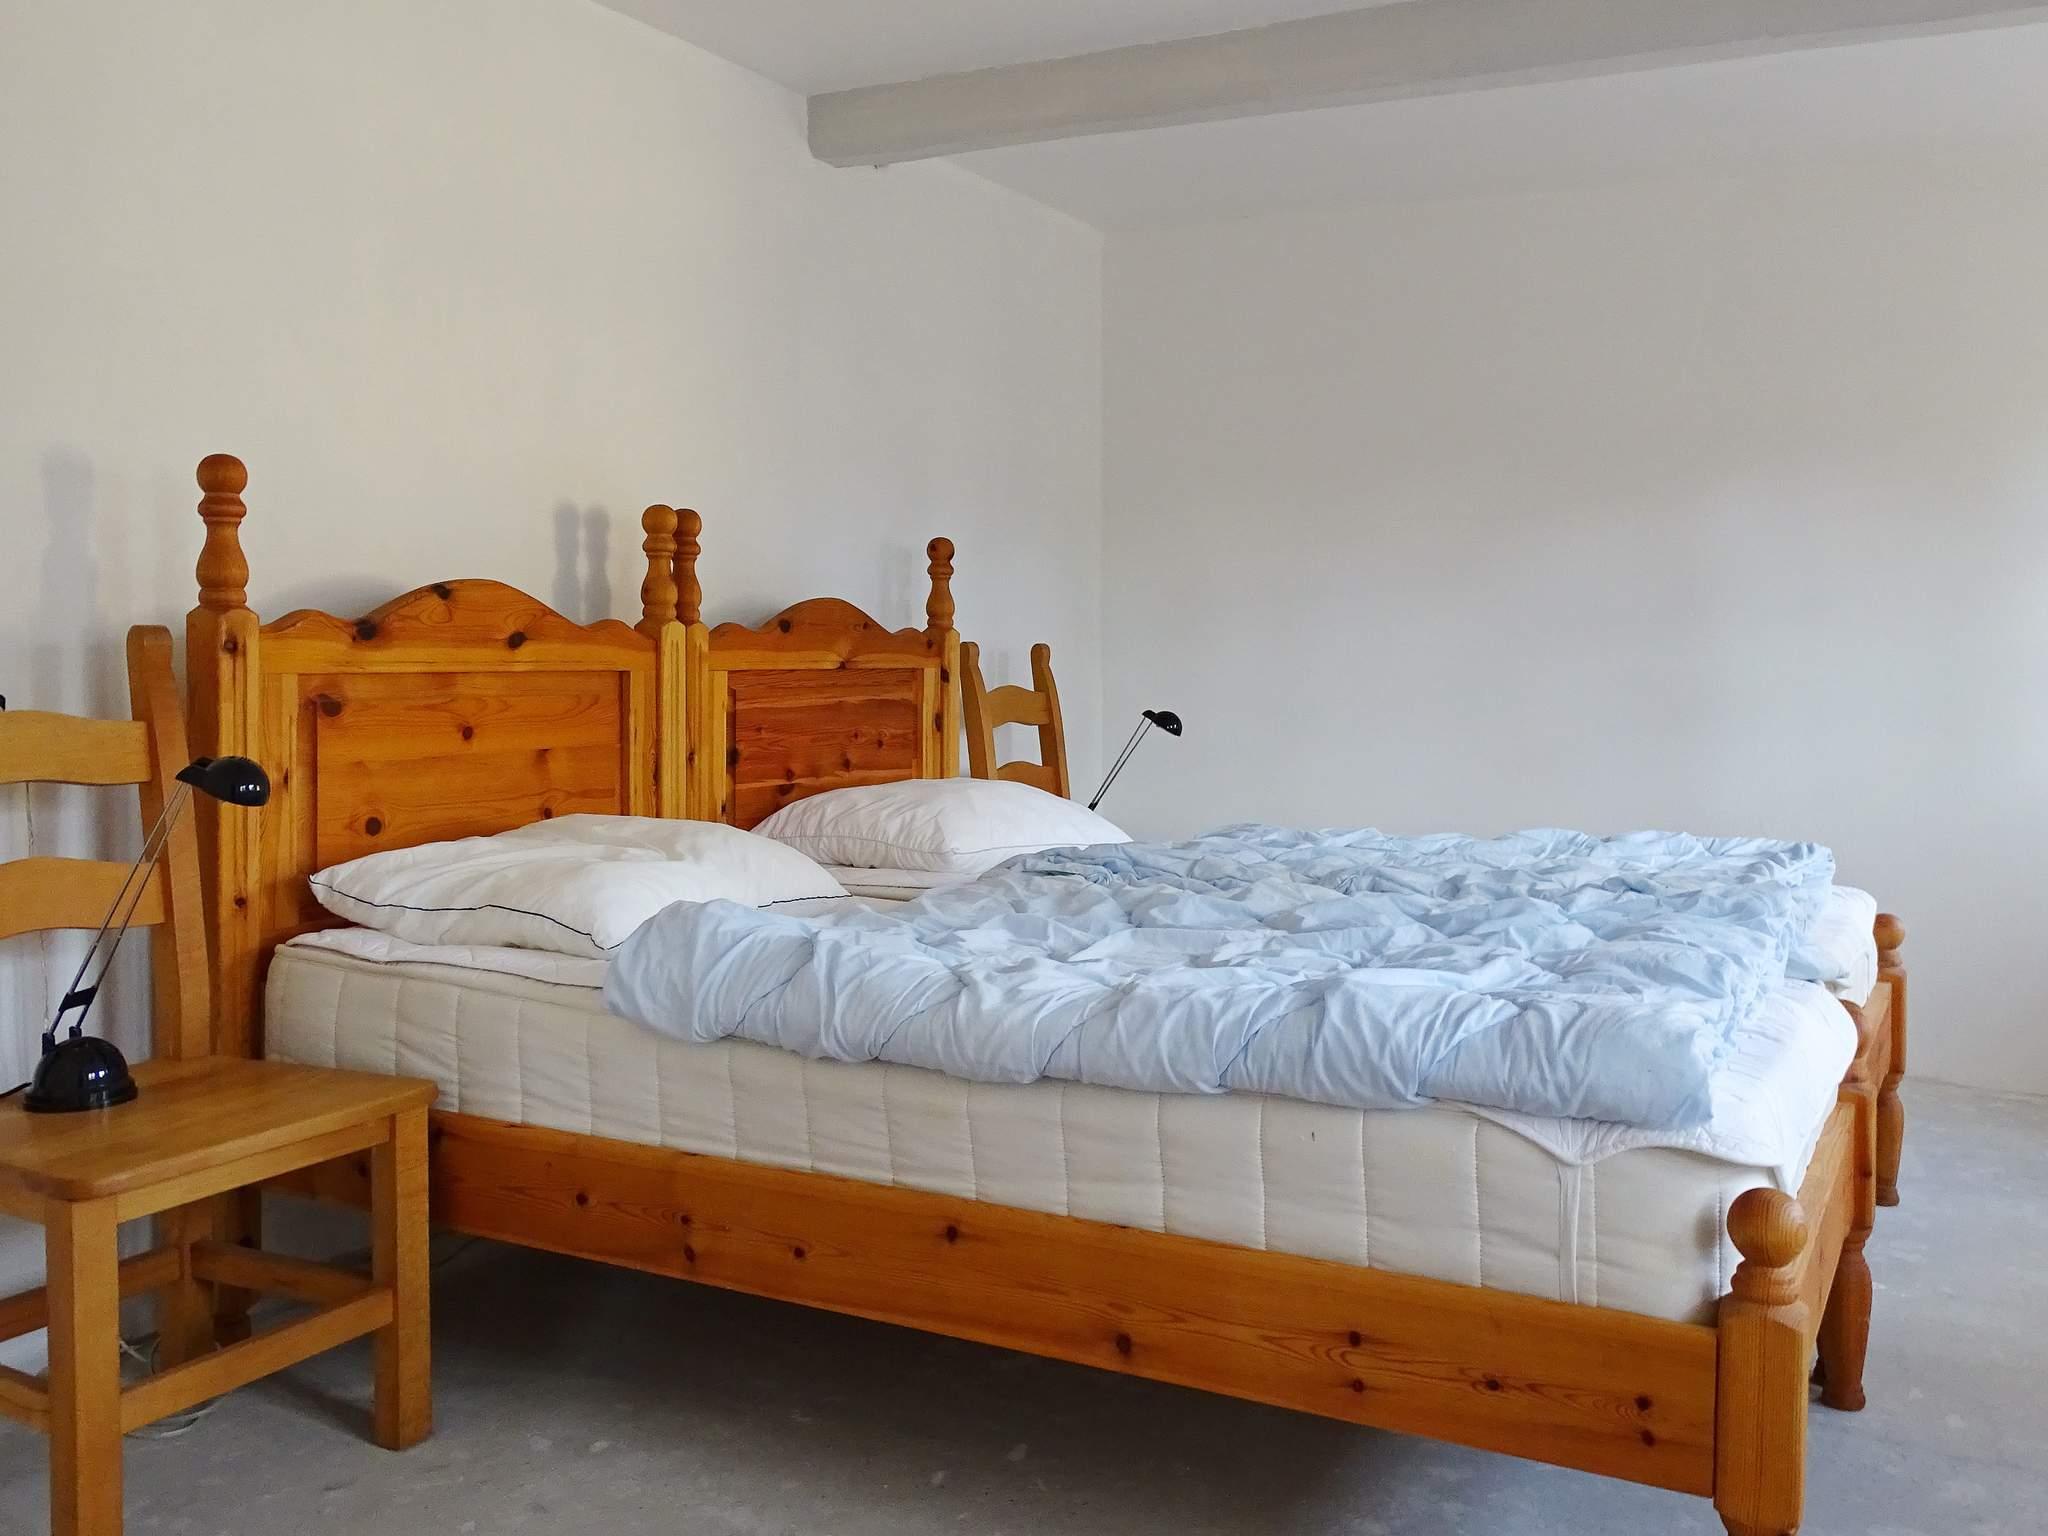 Ferienhaus Hou/Fyn (2032424), Tranekær, , Langeland, Dänemark, Bild 5